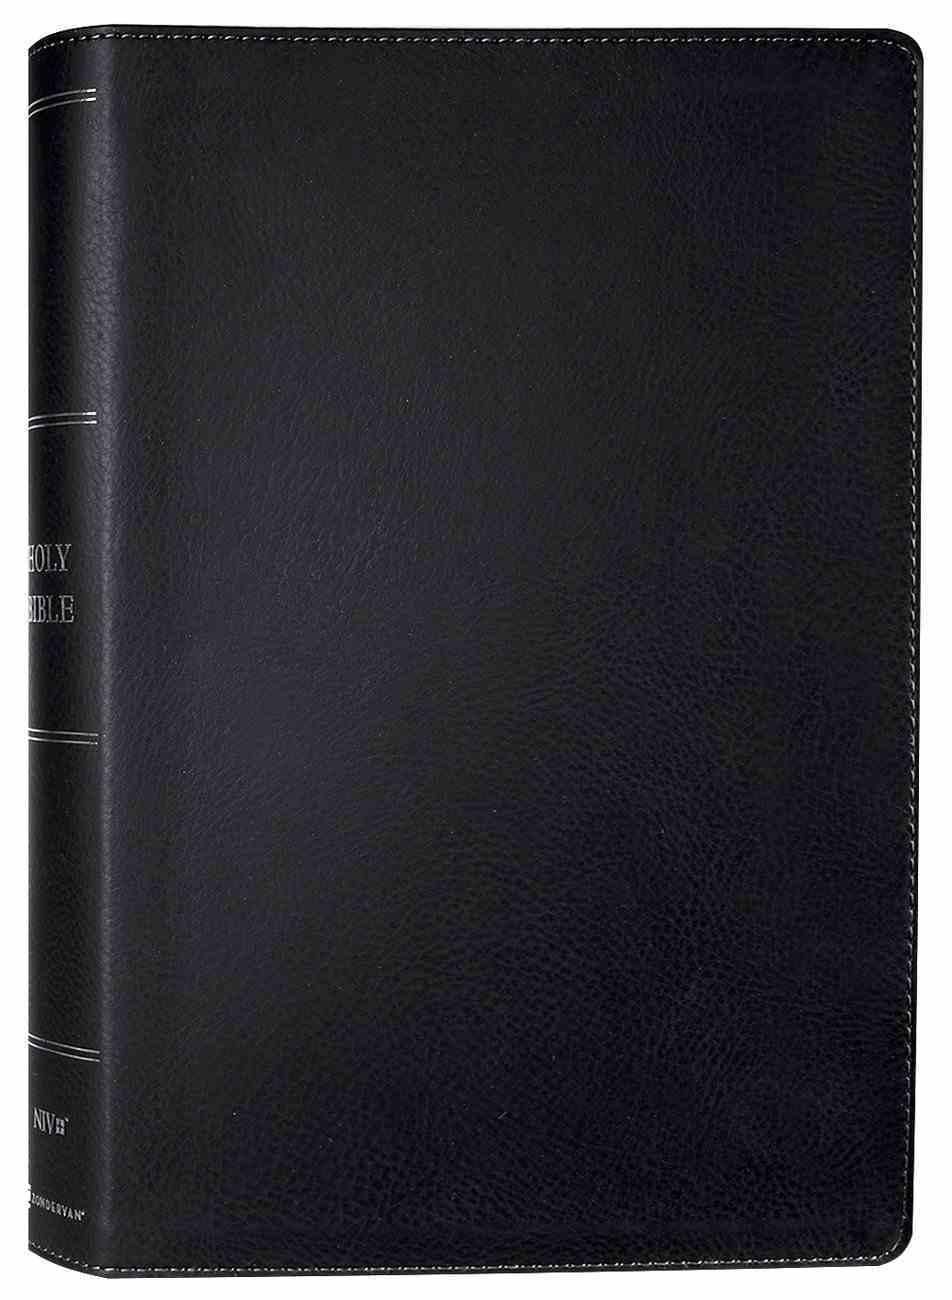 NIV Side-Column Reference Bible Wide Margin Black (Black Letter Edition) Premium Imitation Leather